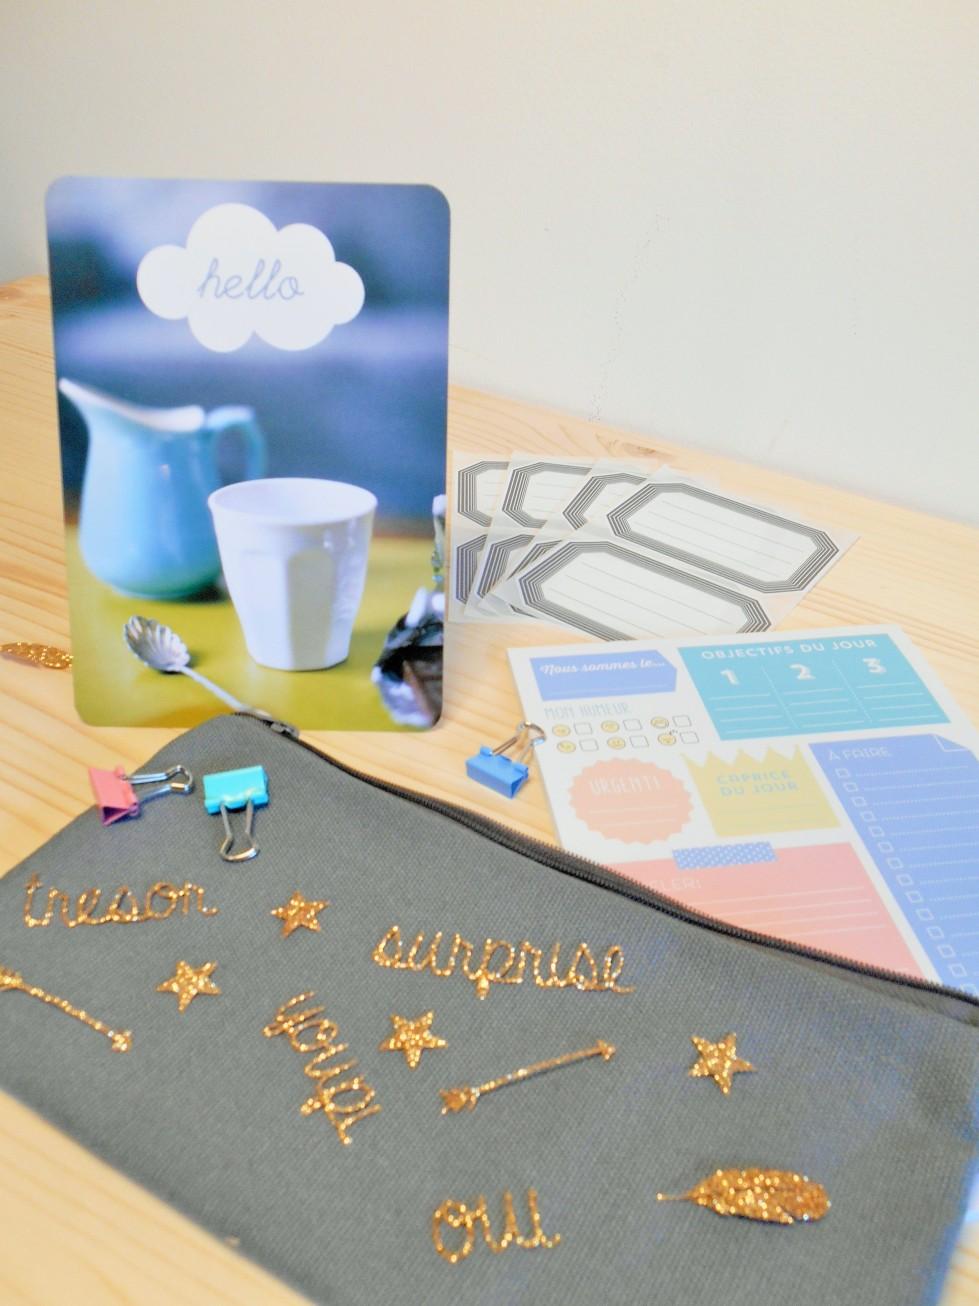 Fournitures de bureau, la box papeterie Saperlipapier avec trousse, bloc-notes, etiquettes, crayon...